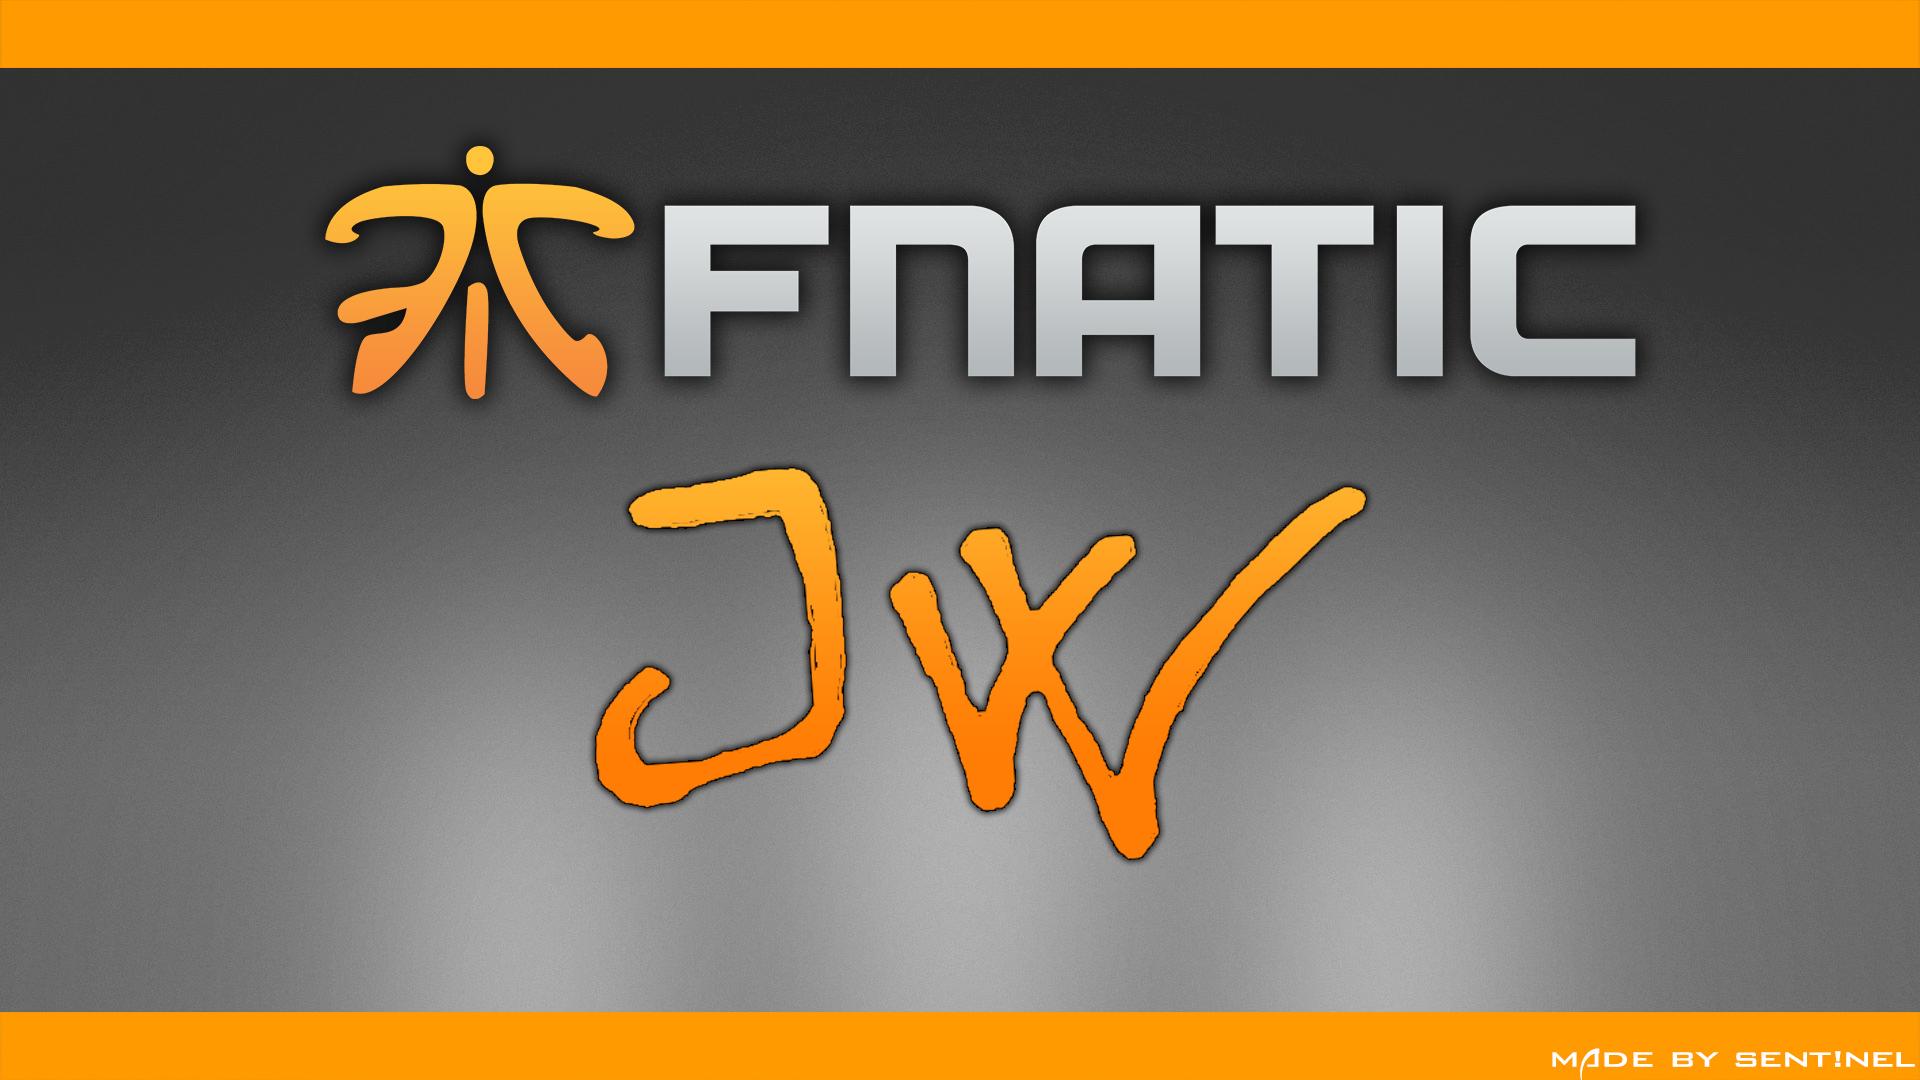 Fnatic JW Wallpaper 1920x1080